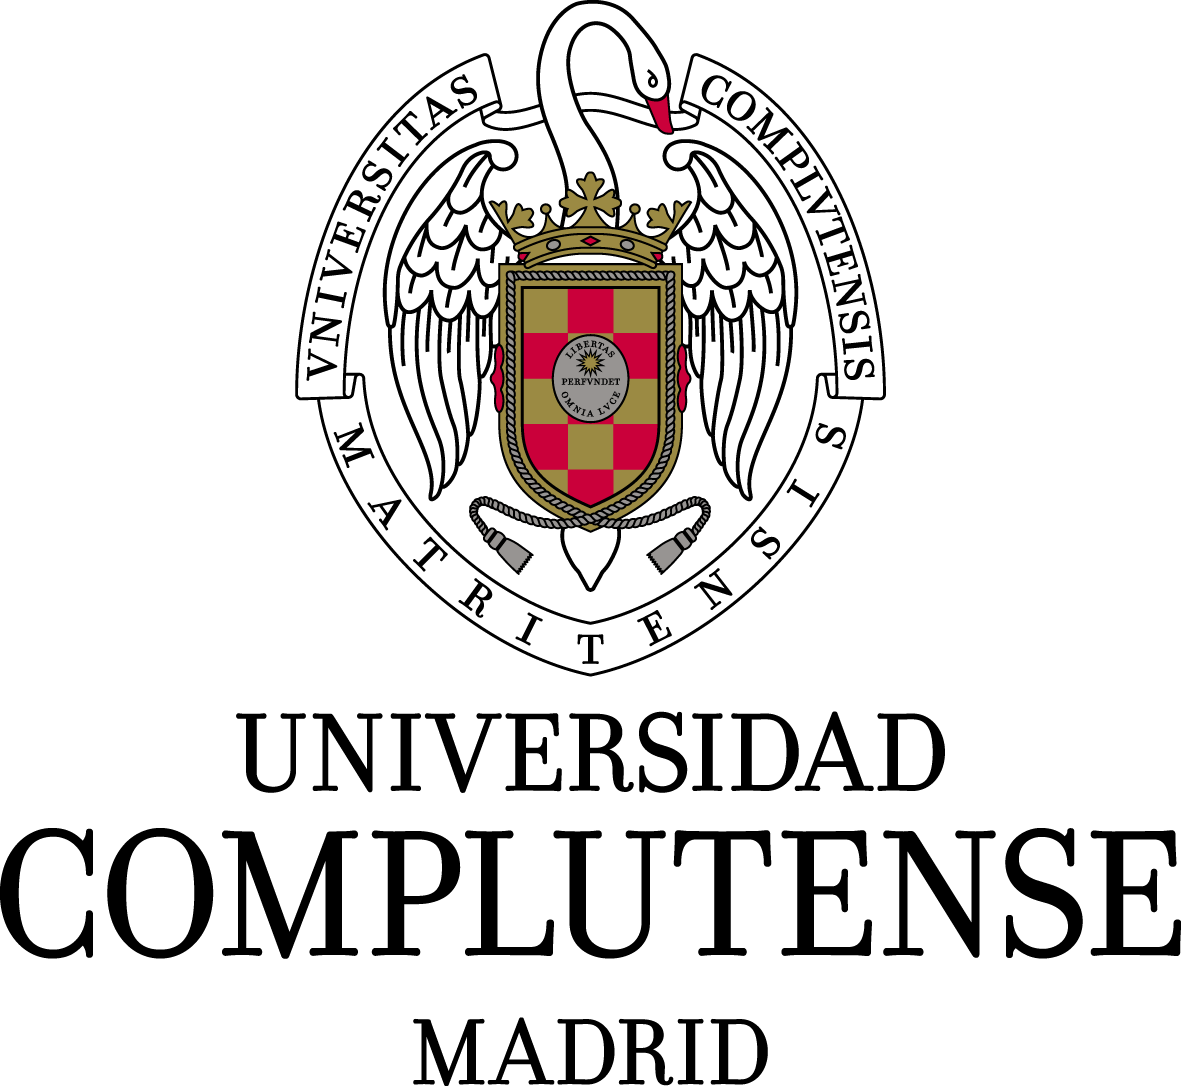 3 2016 07 21 Marca Ucm Logo Negro Quasar Science Resources